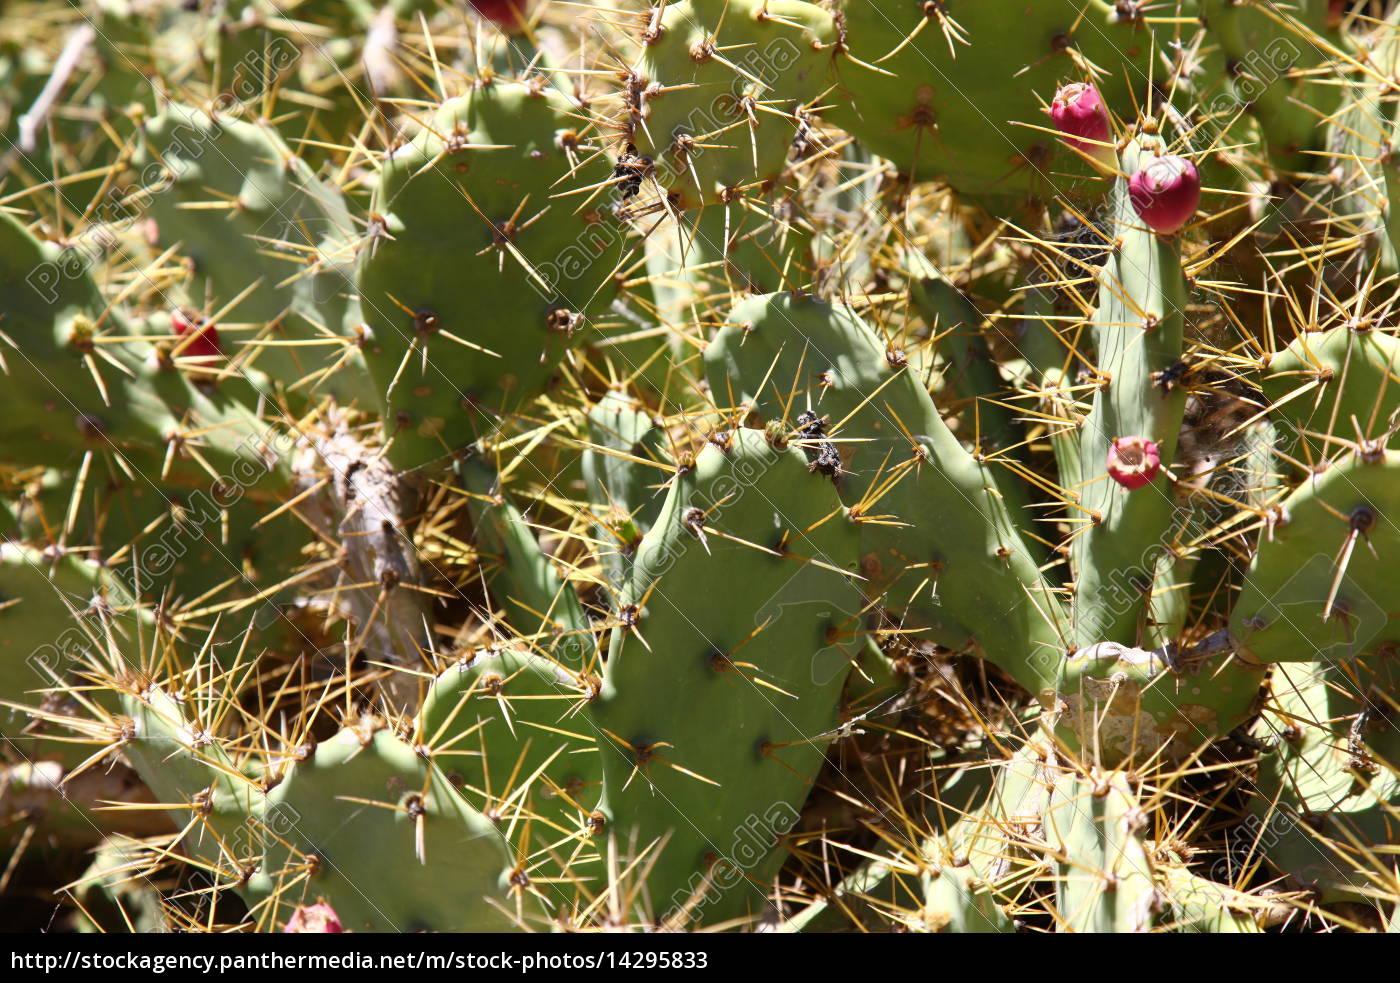 Kaktus, Kakteen, Fuerteventura, Pflanze, Pflanzen, Dornen - 14295833